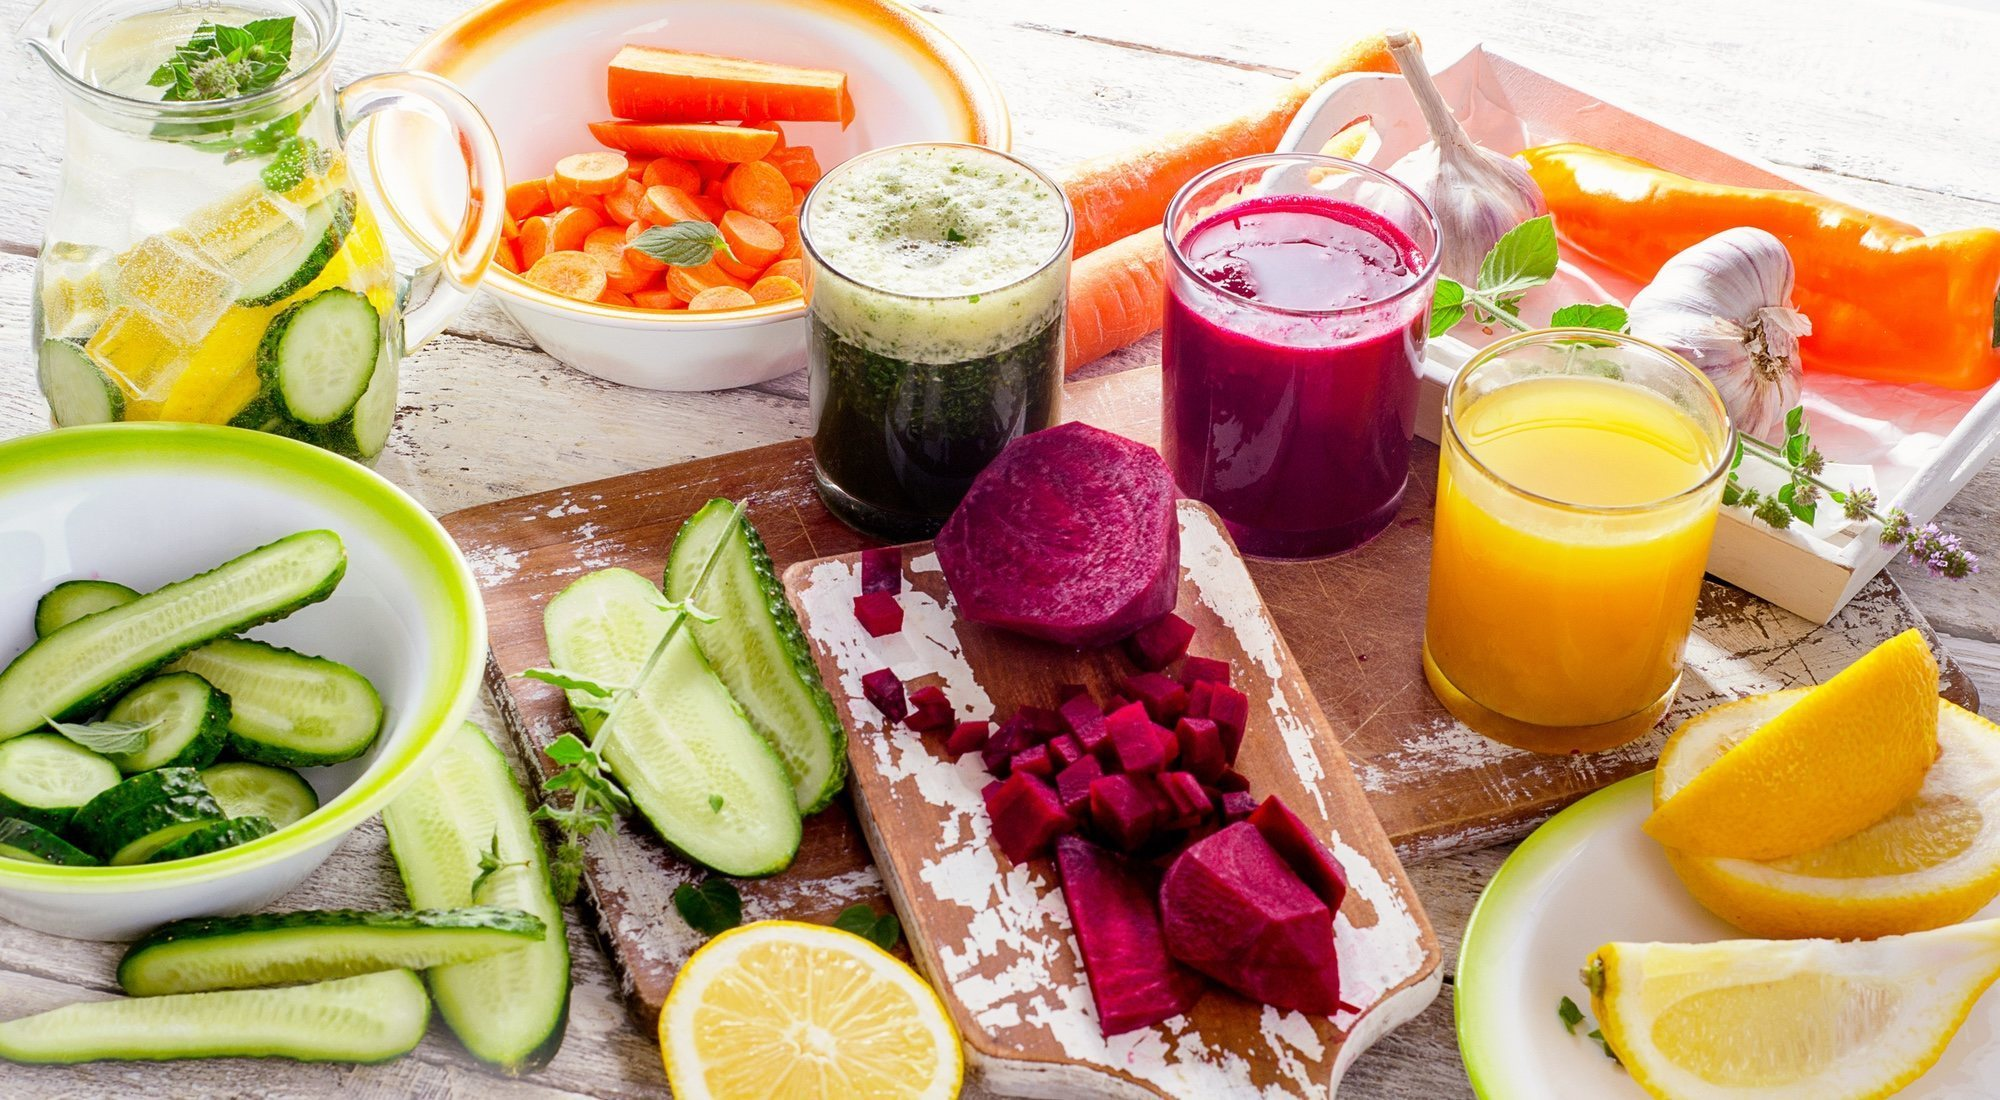 Dieta depurativa o detox: dieta para eliminar toxinas y líquidos